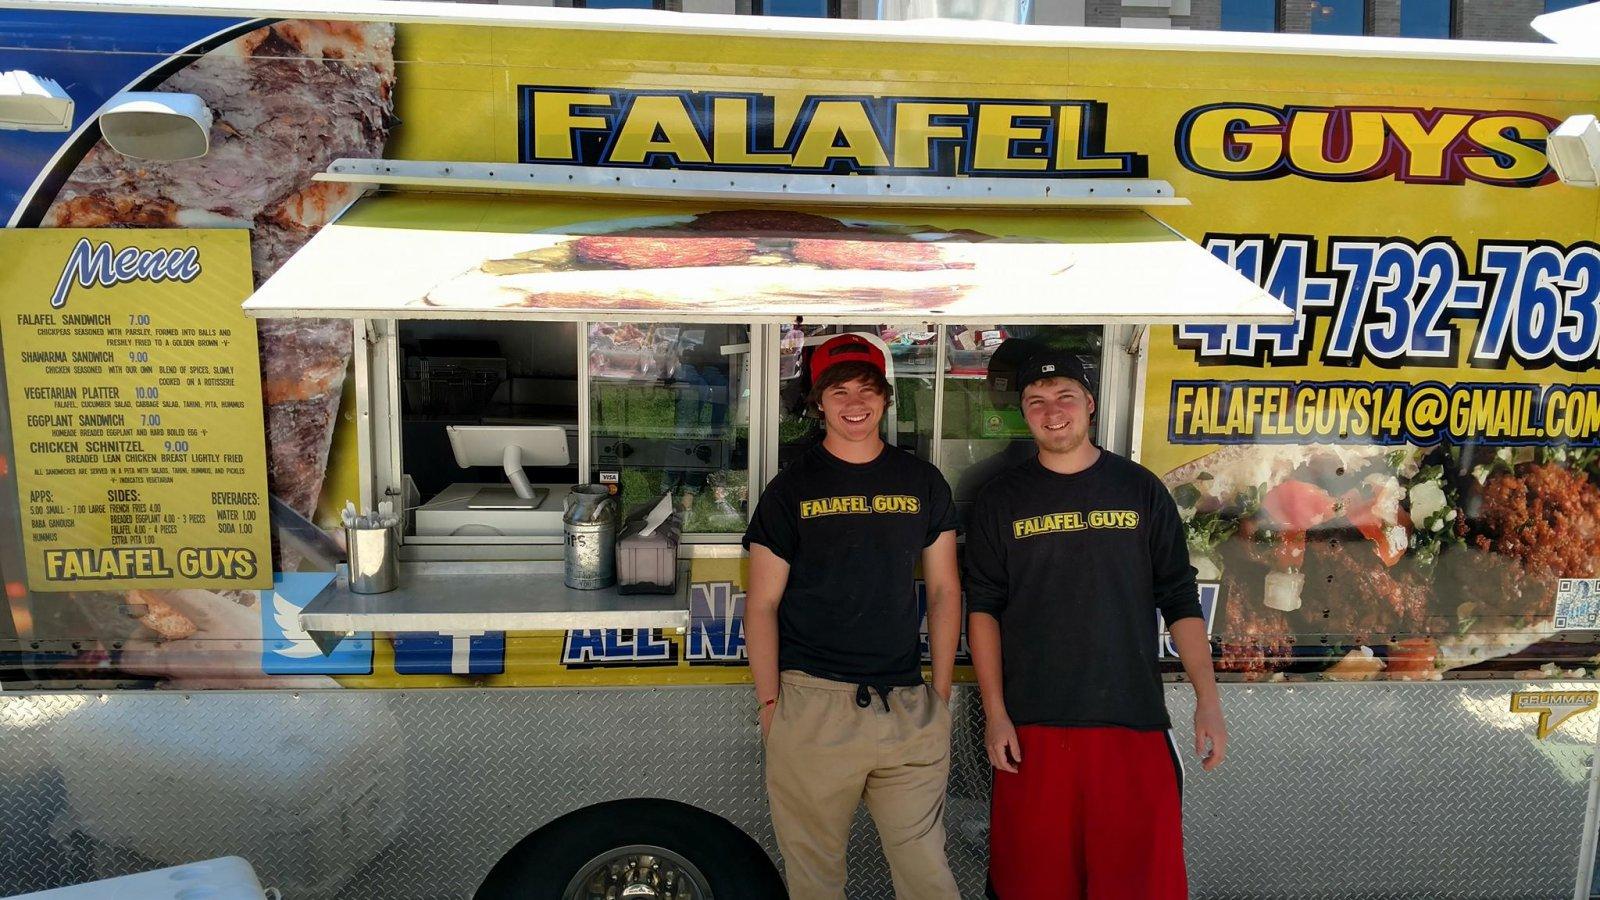 Falafel Guys Food Truck Menu